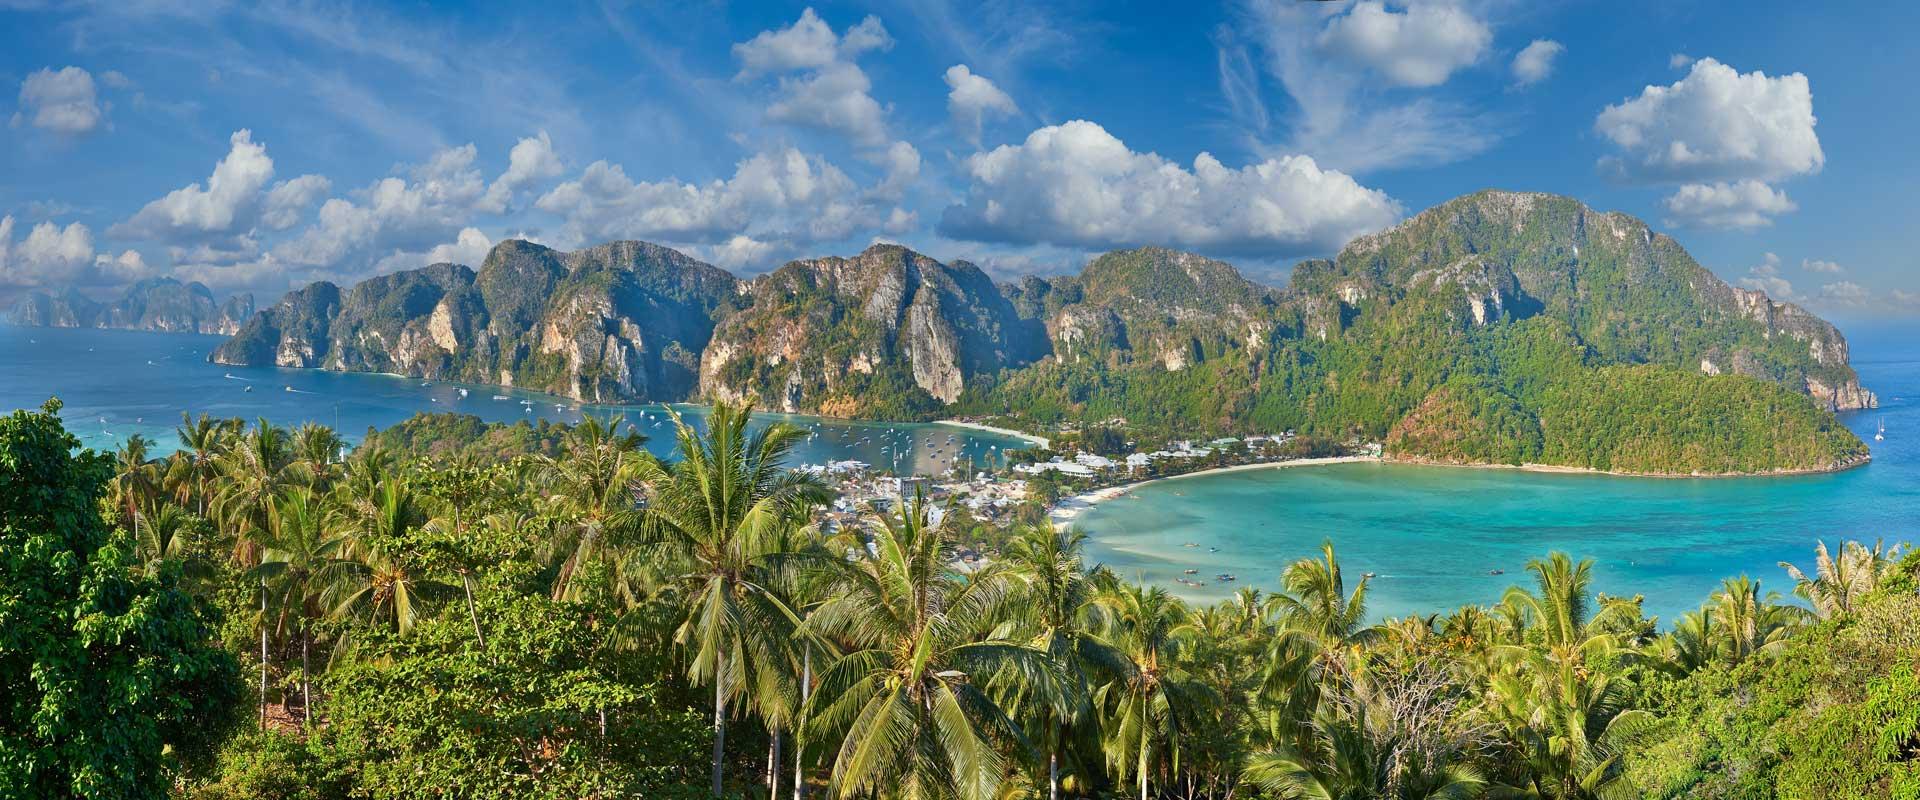 Thailandevo, pour partir, c'est l'idéal